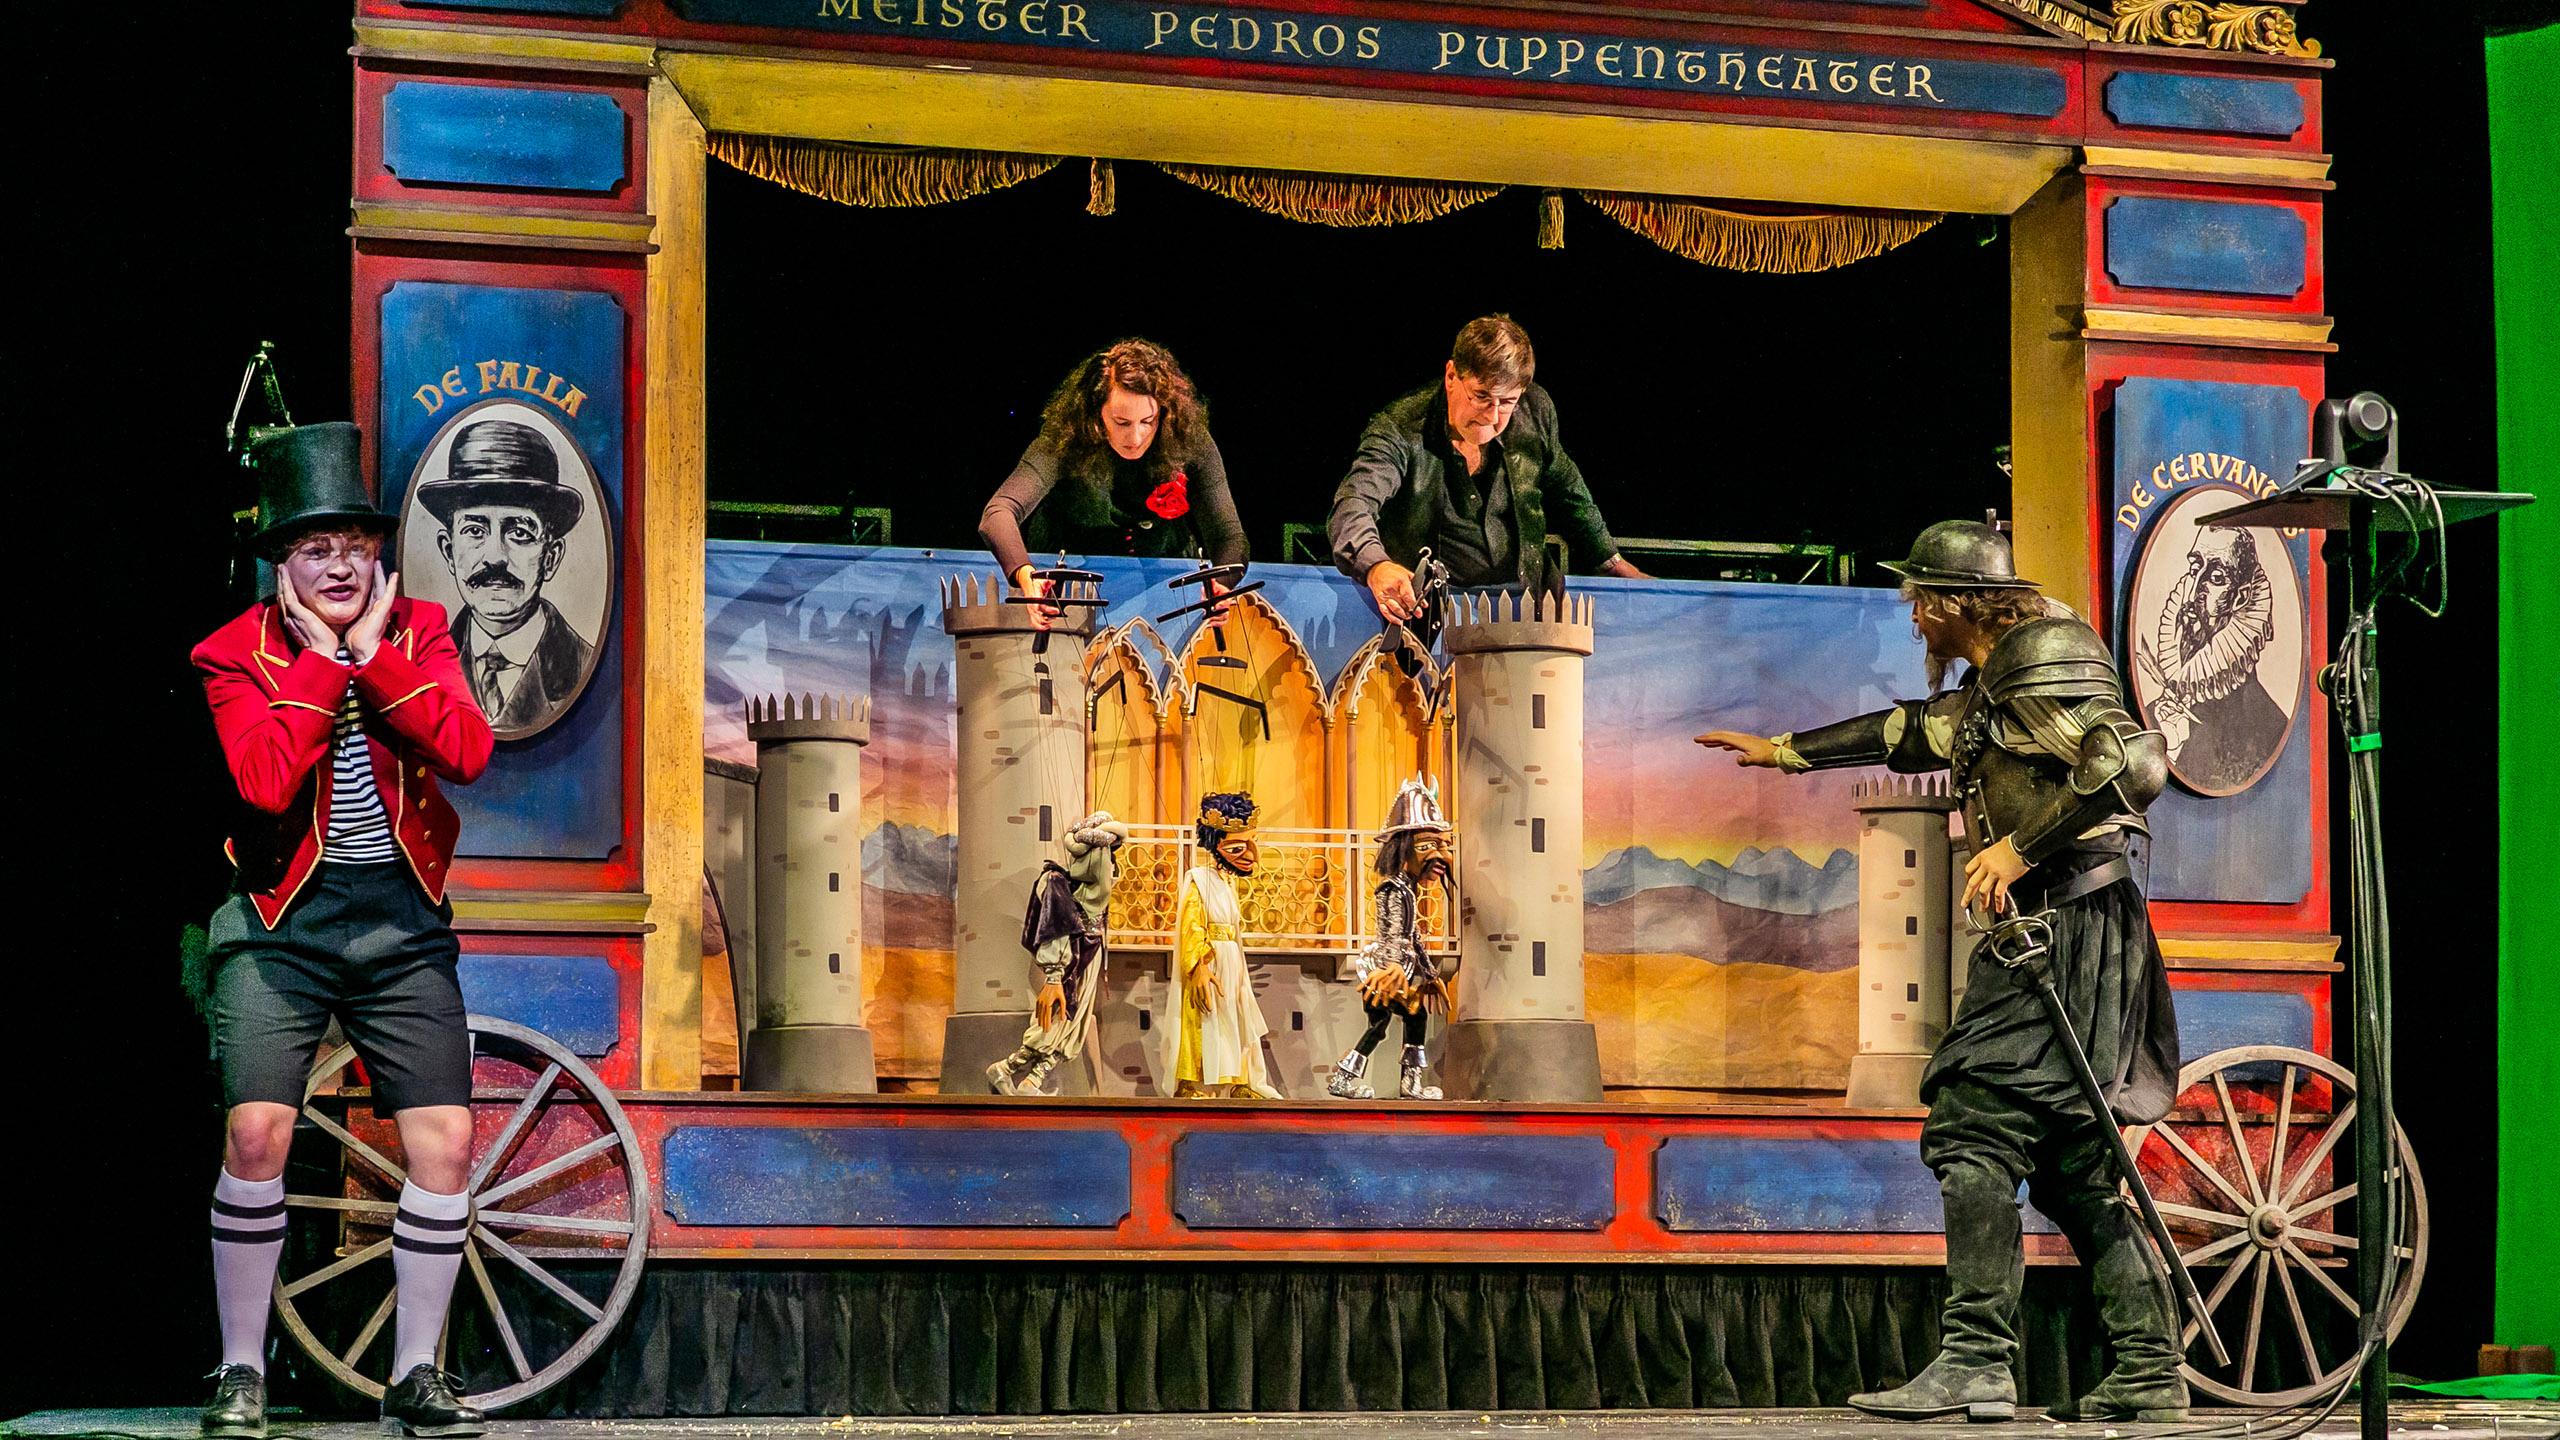 Anton Bachleitner (Puppenspieler), Anna Zamolska (Puppenspielerin), David Fischer (Junge), Richard Šveda (Don Quijote)